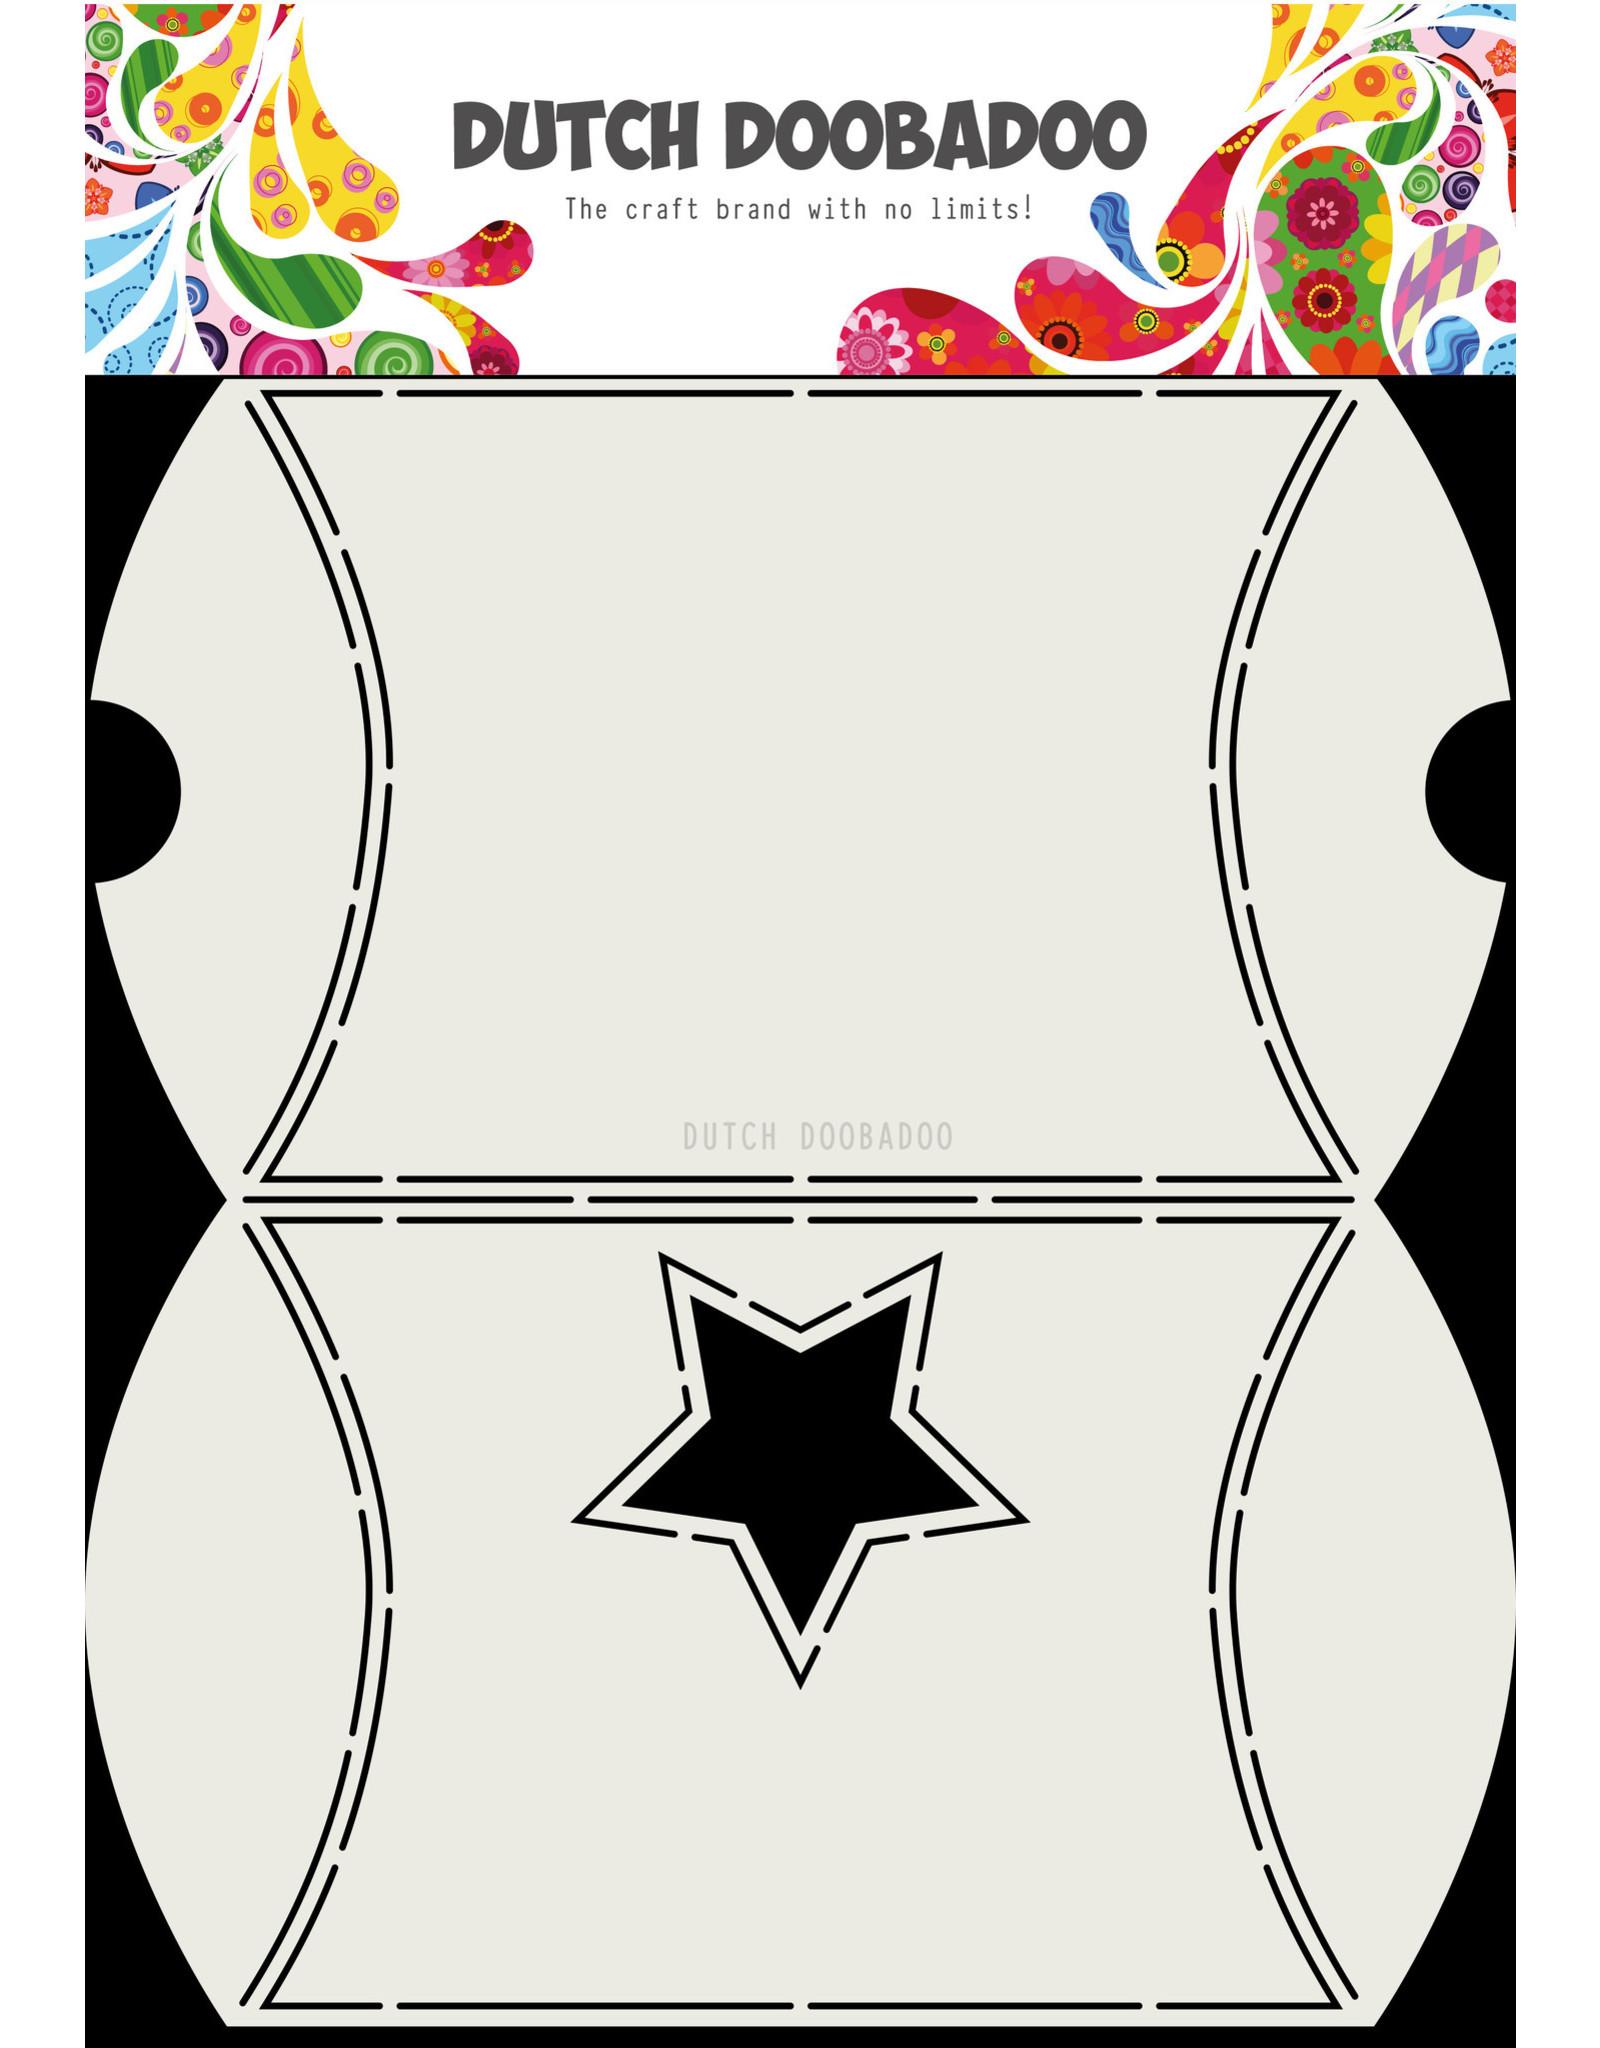 Dutch Doobadoo DDBD Dutch Box Art Envelope with star